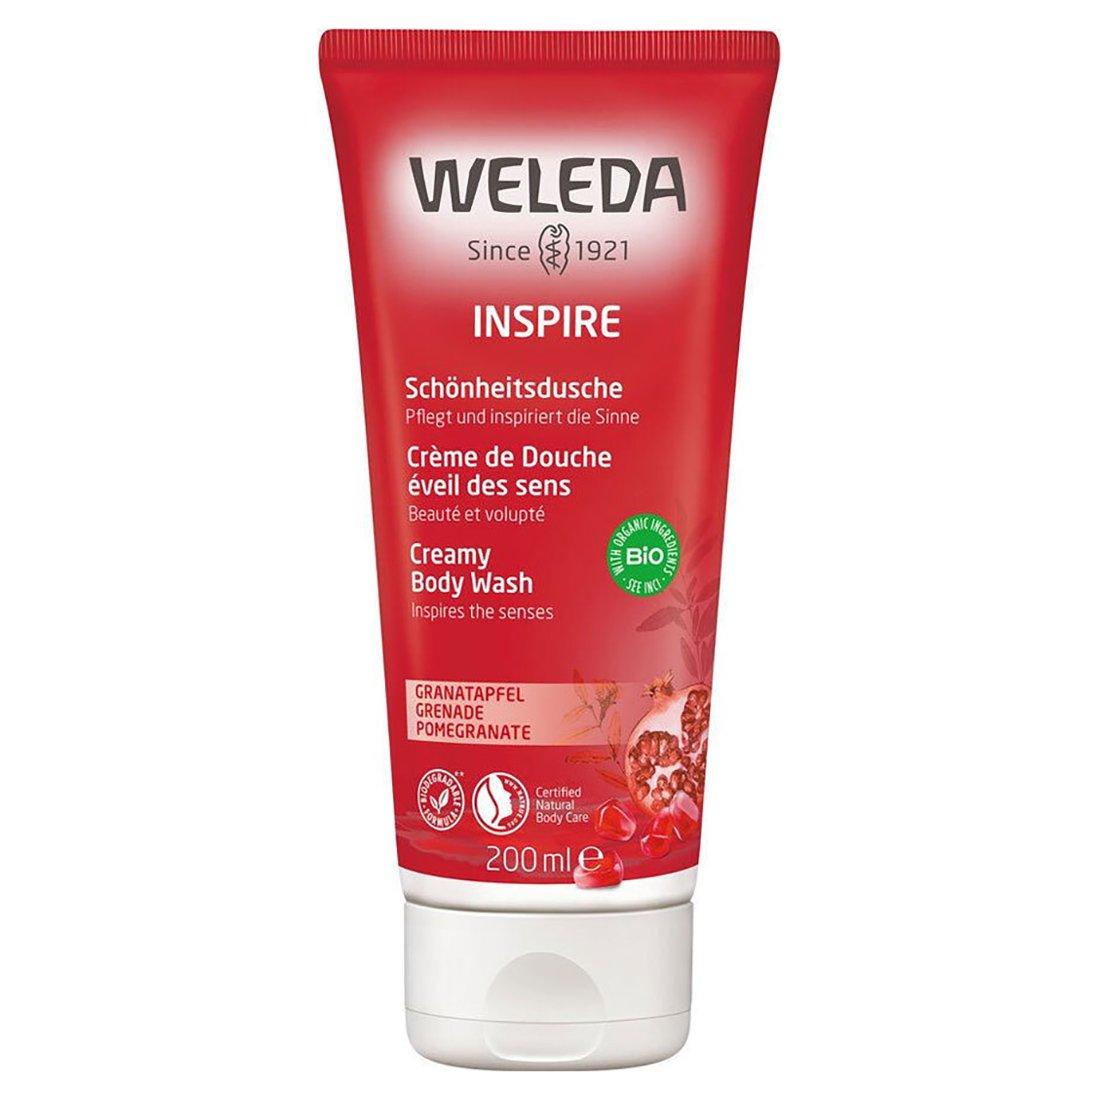 Weleda Creamy Body Wash Ήπιο Κρεμοντούς με Αισθησιακό Άρωμα Ρόδι 200ml